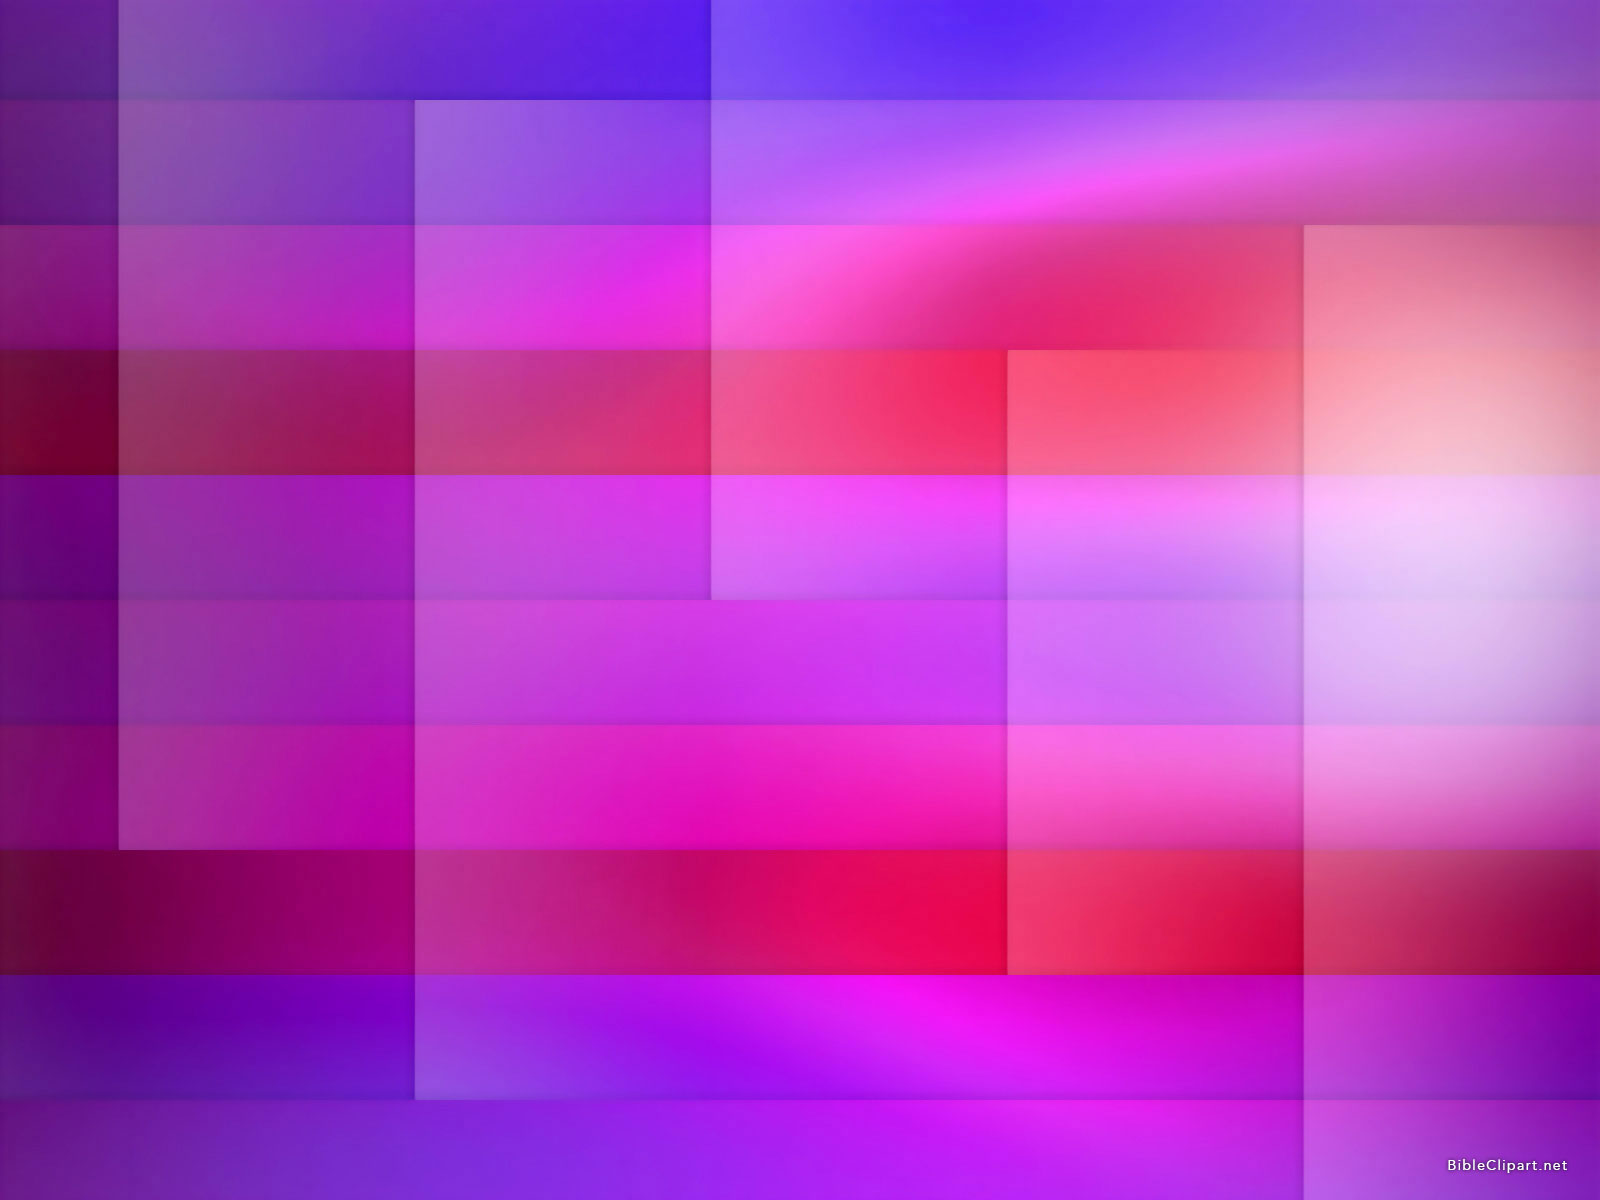 Rectangle Texture Purple Blue Background – Bible Clipart